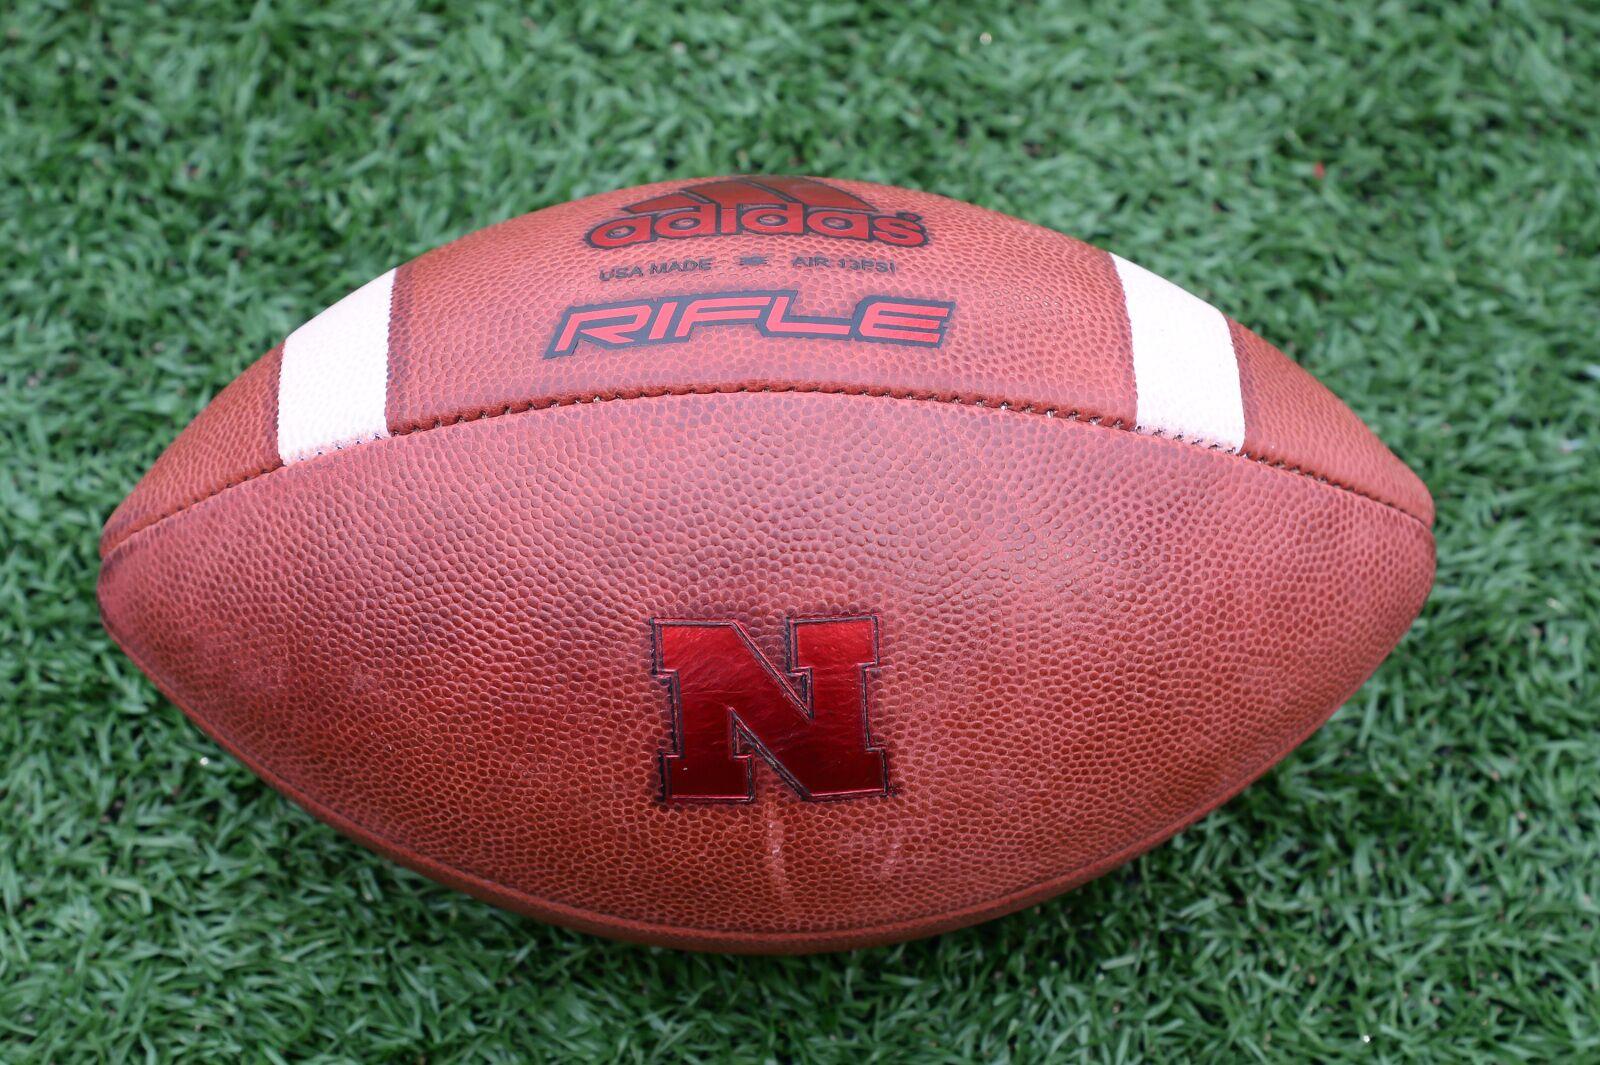 Nebraska Football: Fan Day information means the season is almost here